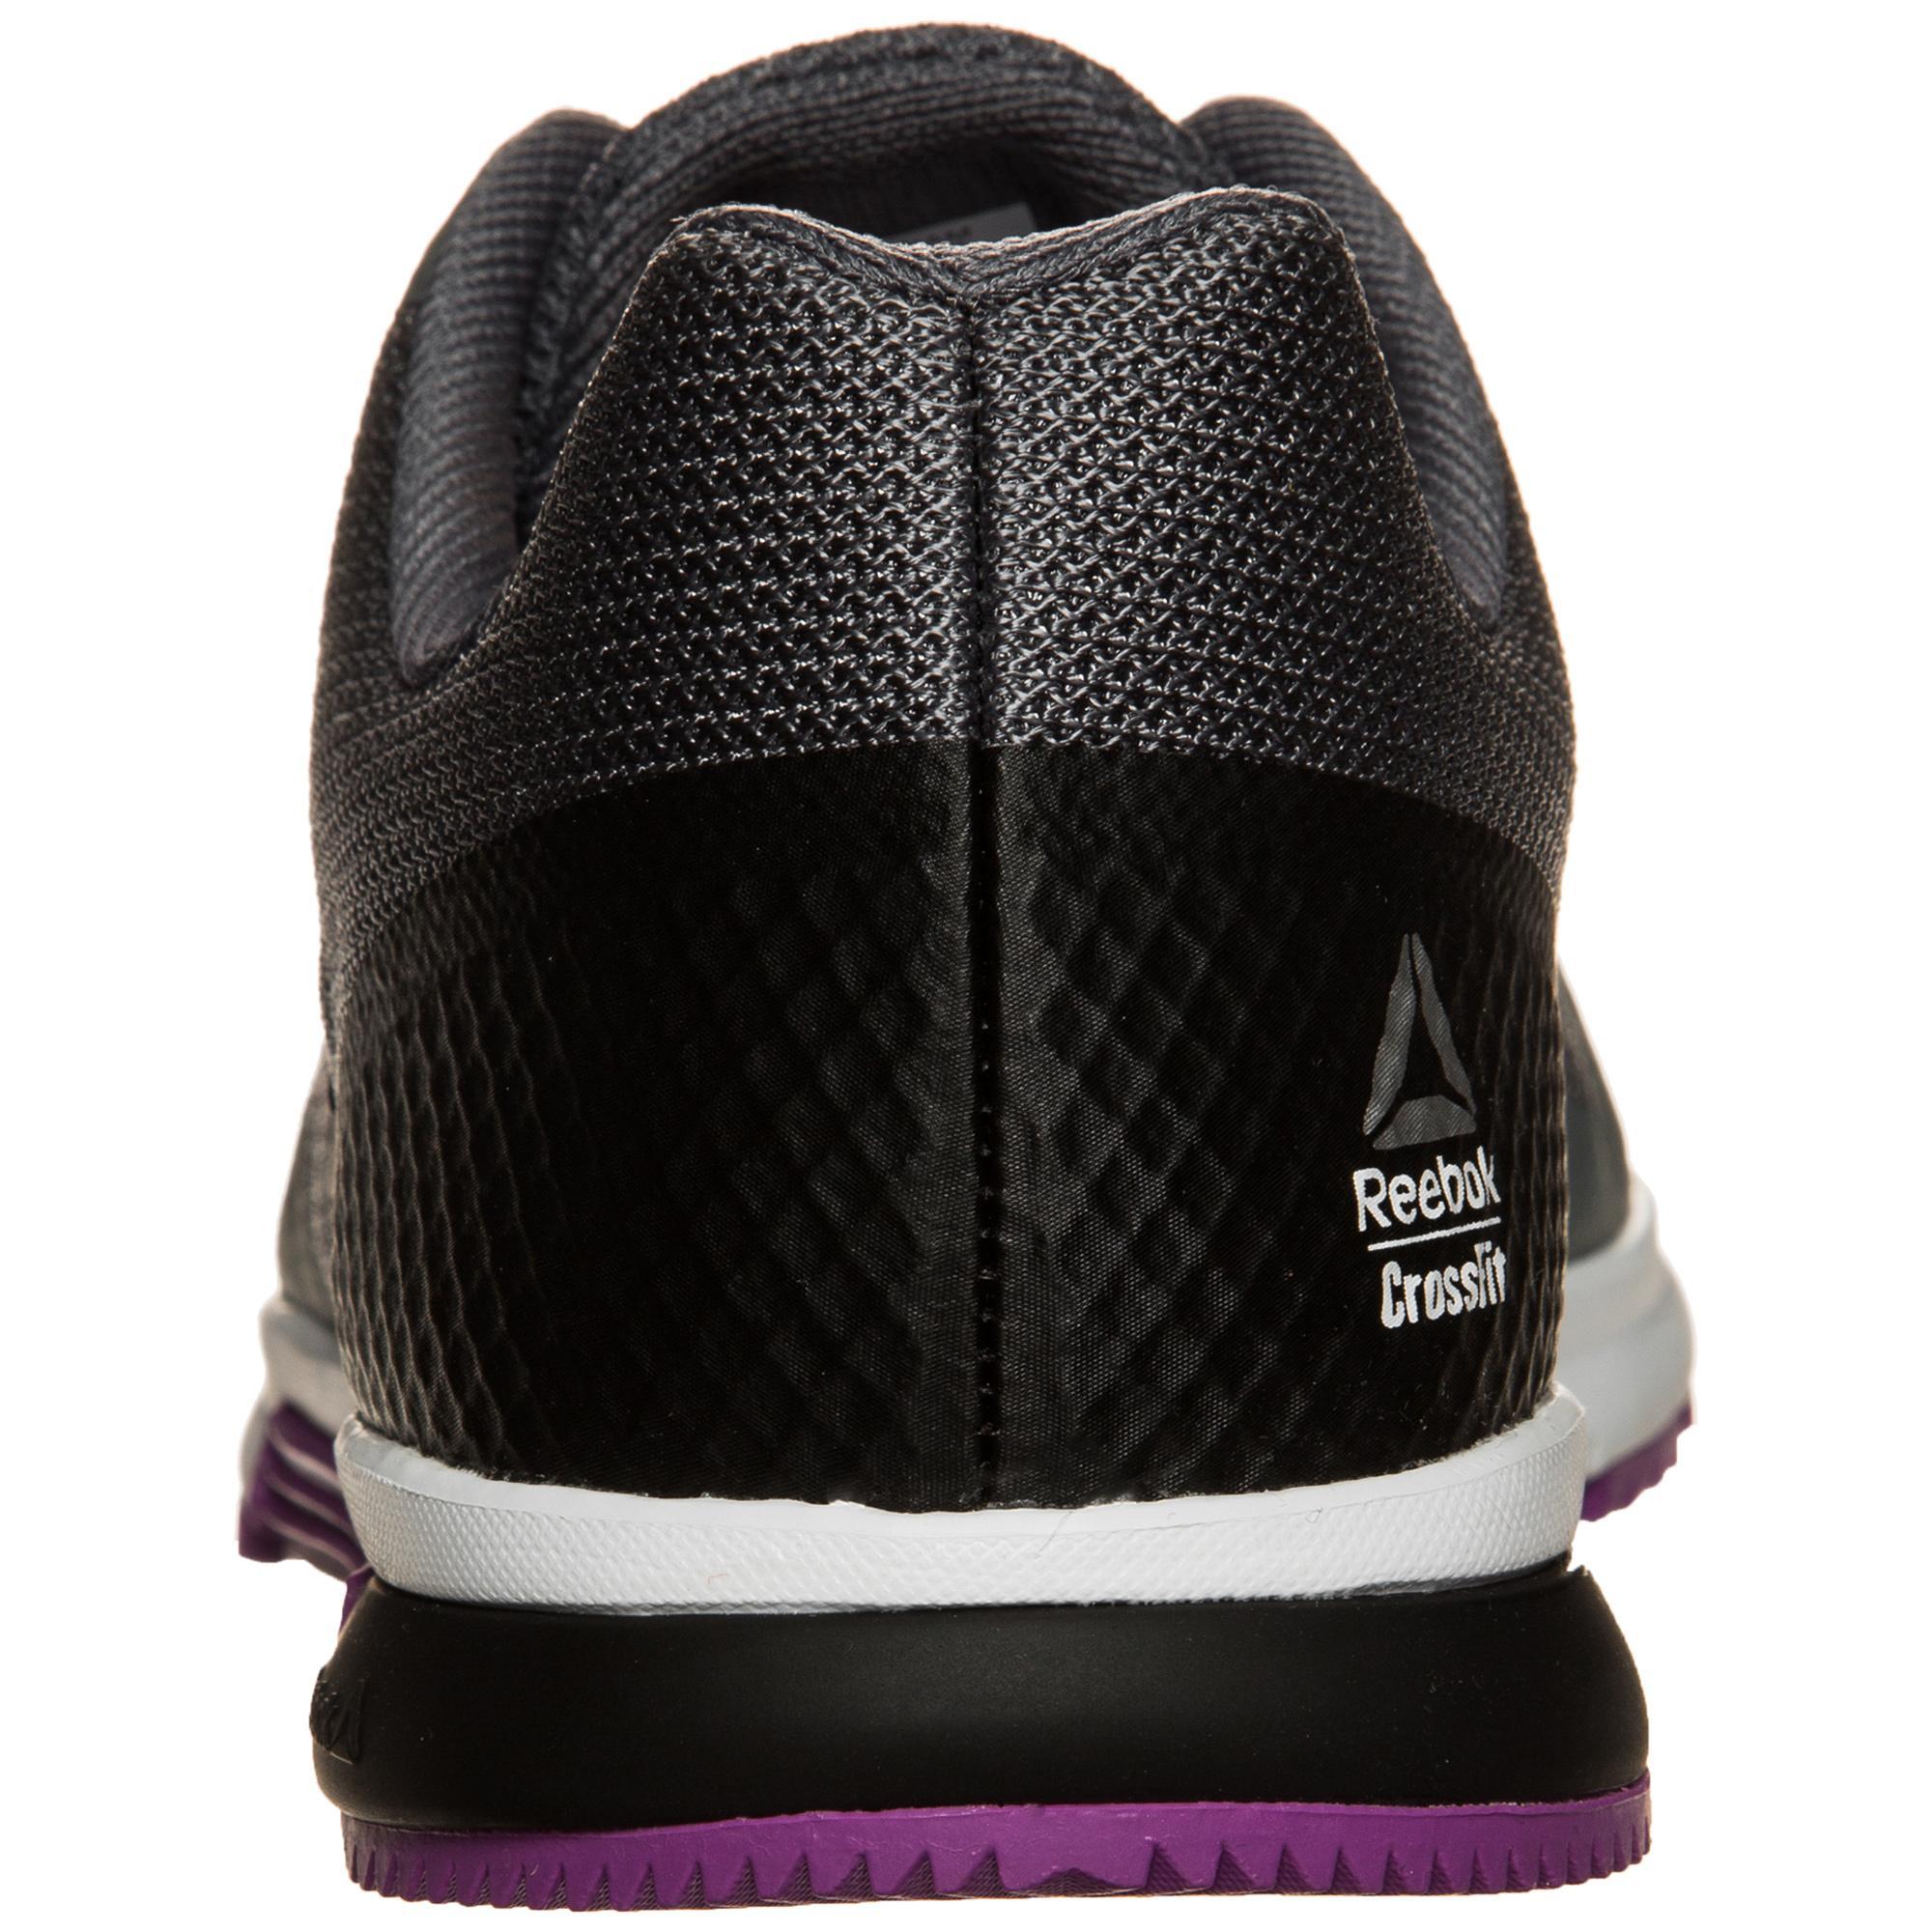 Reebok CrossFit Speed TR 2.0 2.0 2.0 Fitnessschuhe Damen dunkelgrau / lila im Online Shop von SportScheck kaufen Gute Qualität beliebte Schuhe 9fdcd8